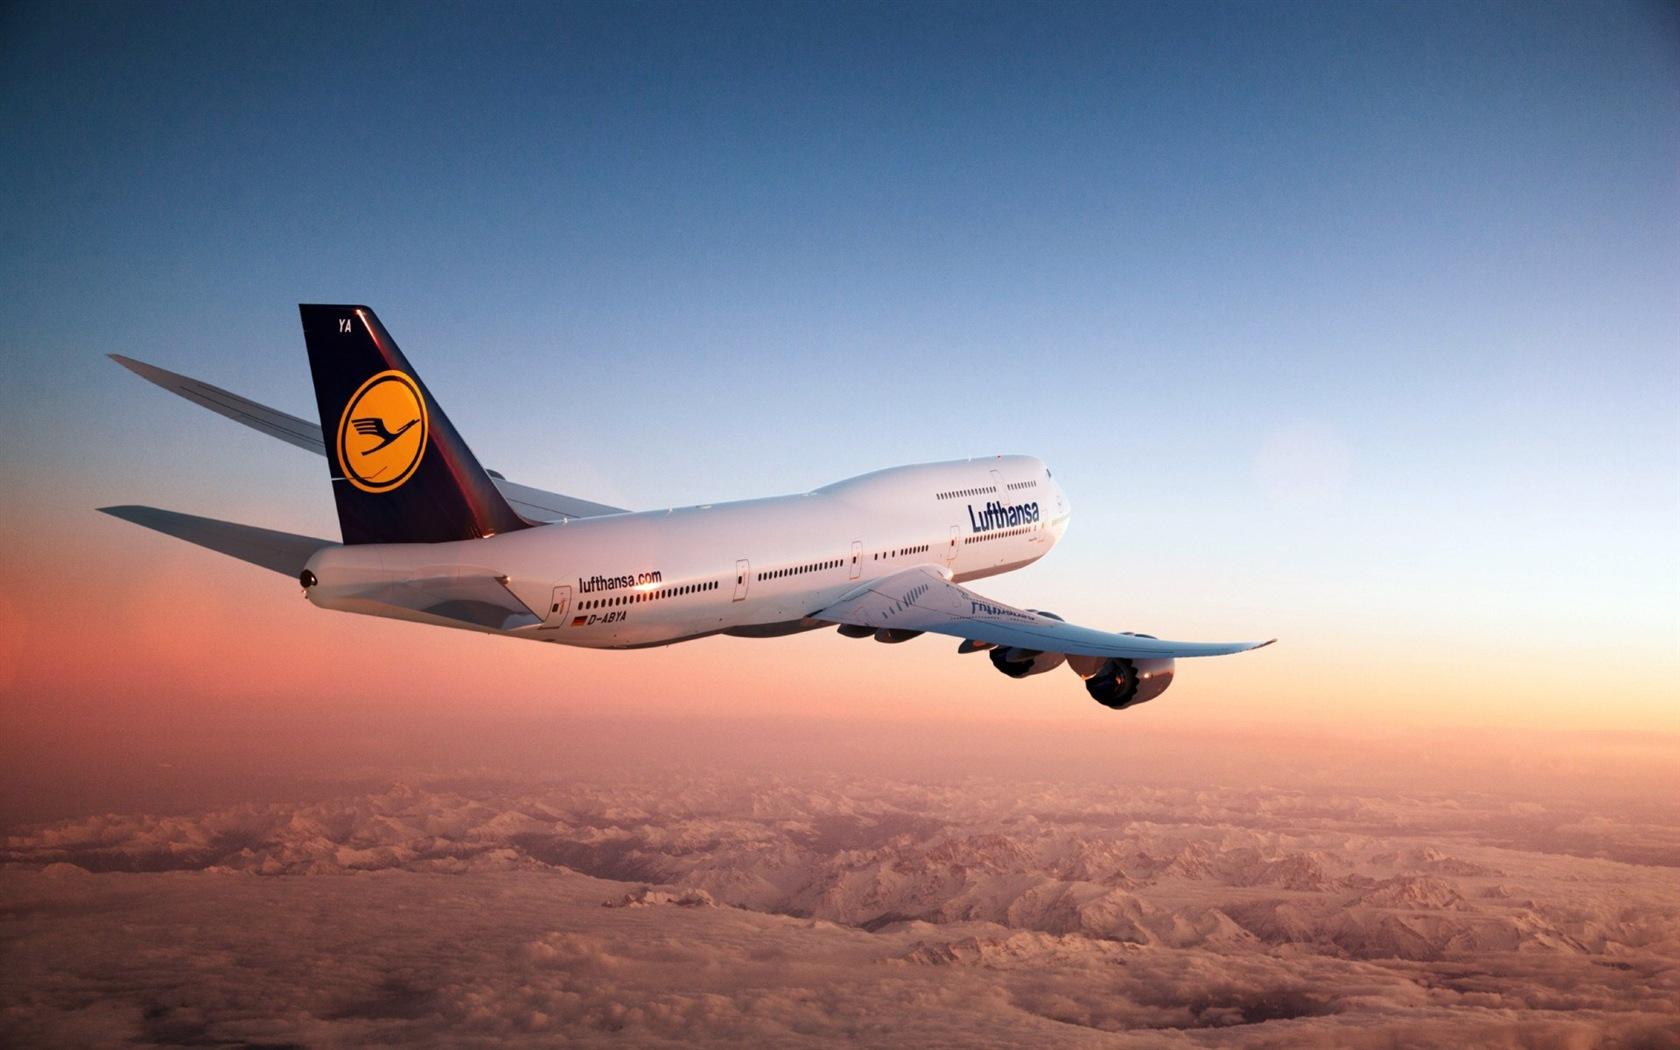 波音747客机 高清壁纸1 - 1680x1050